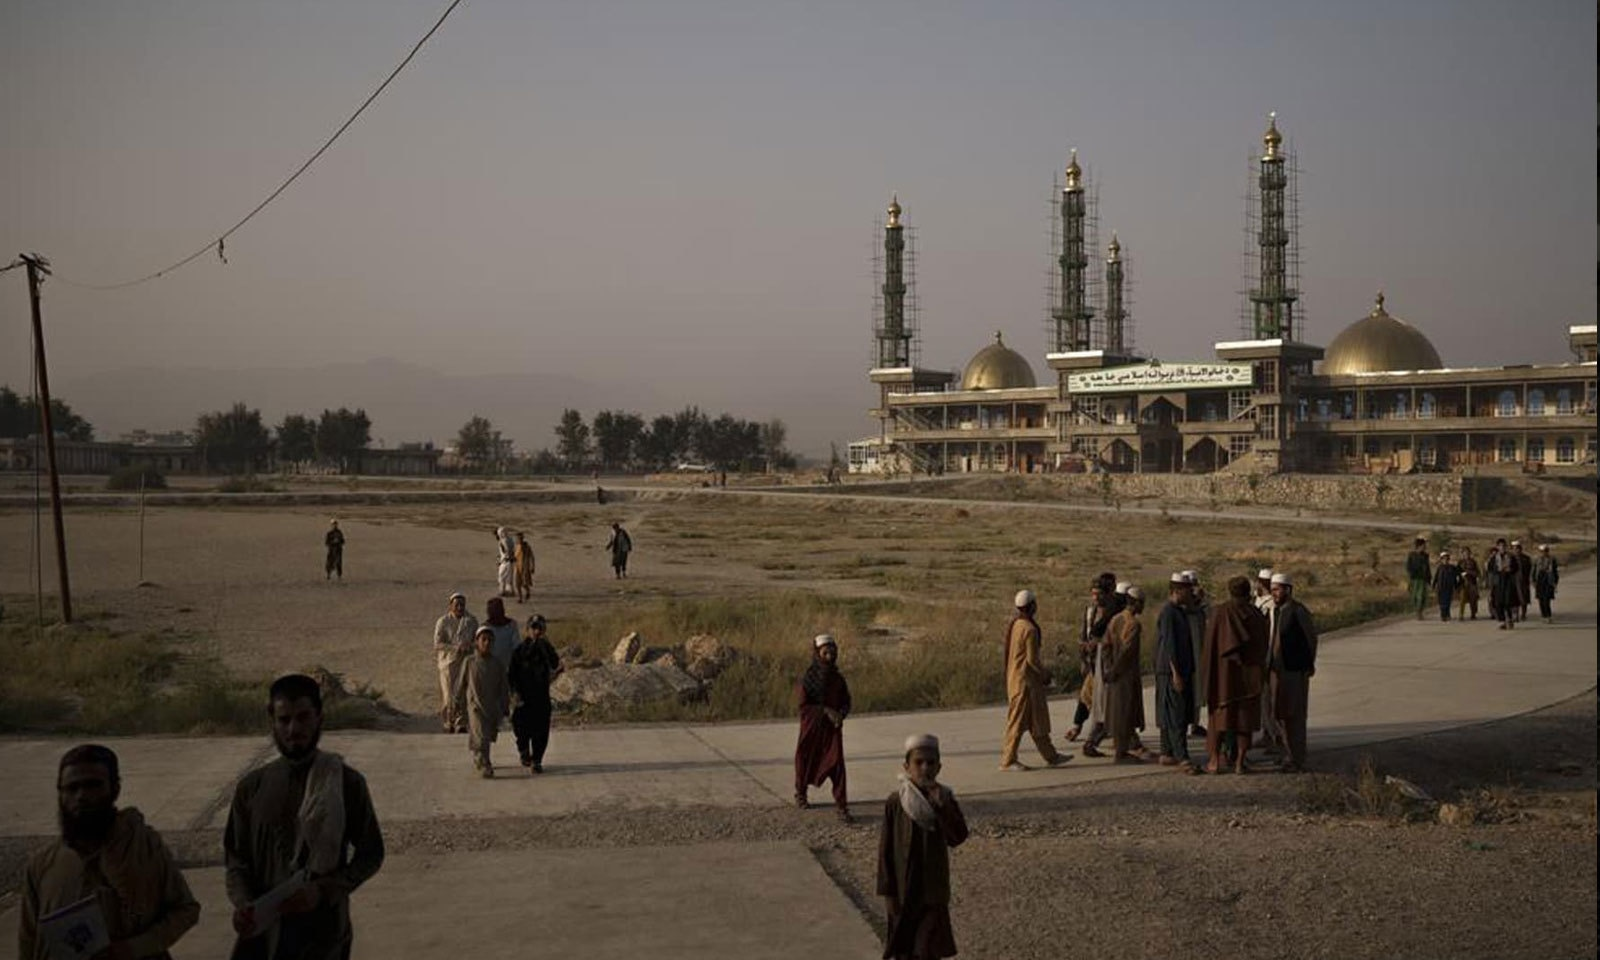 افغان طلبا نمازِ فجر کے بعد کابل کی مسجد سے باہر نکل  رہے ہیں—فوٹو: اے پی